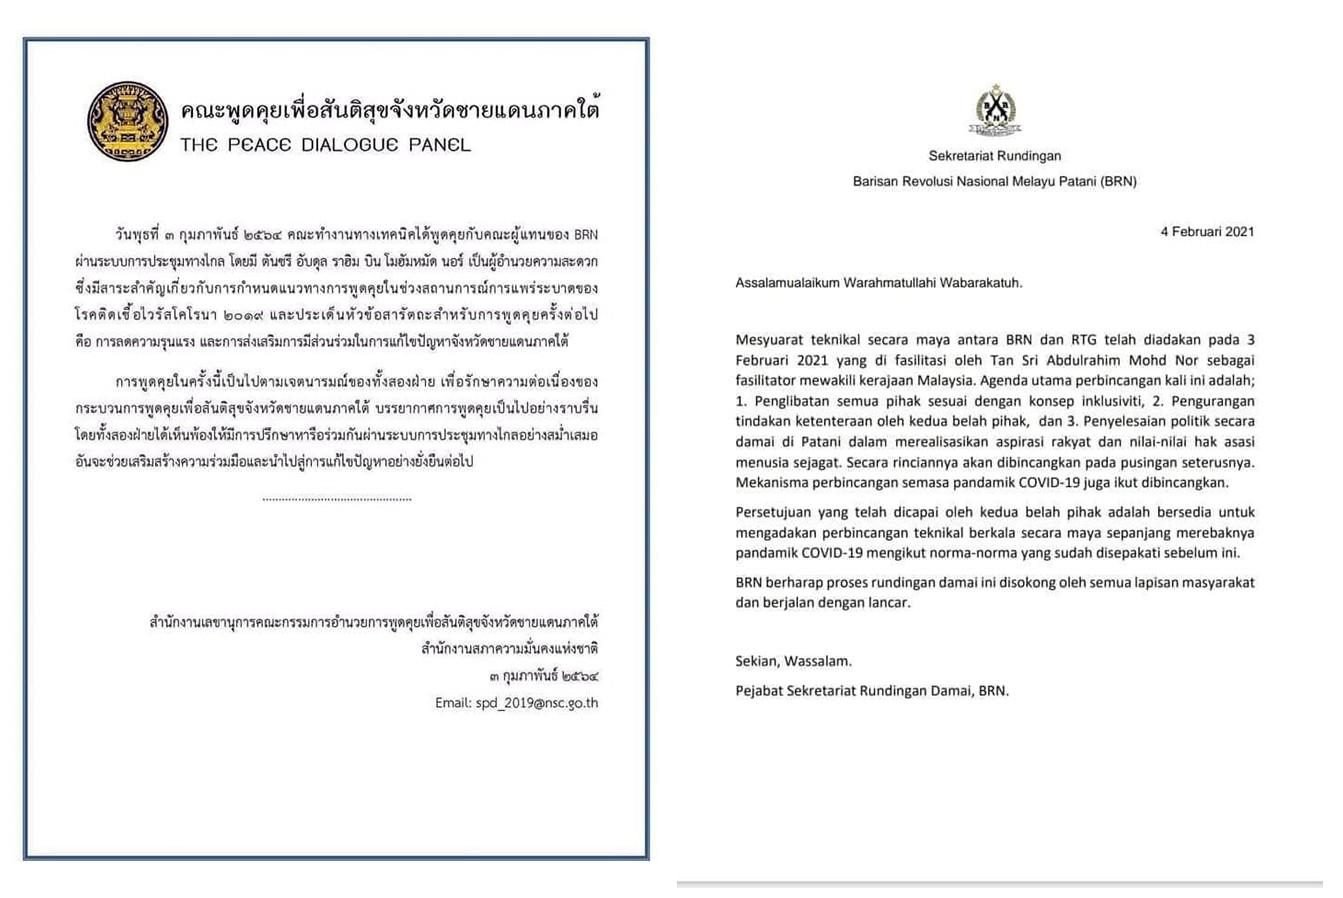 แถลงการณ์ตัวแทนรัฐบาลไทยกับ BRN